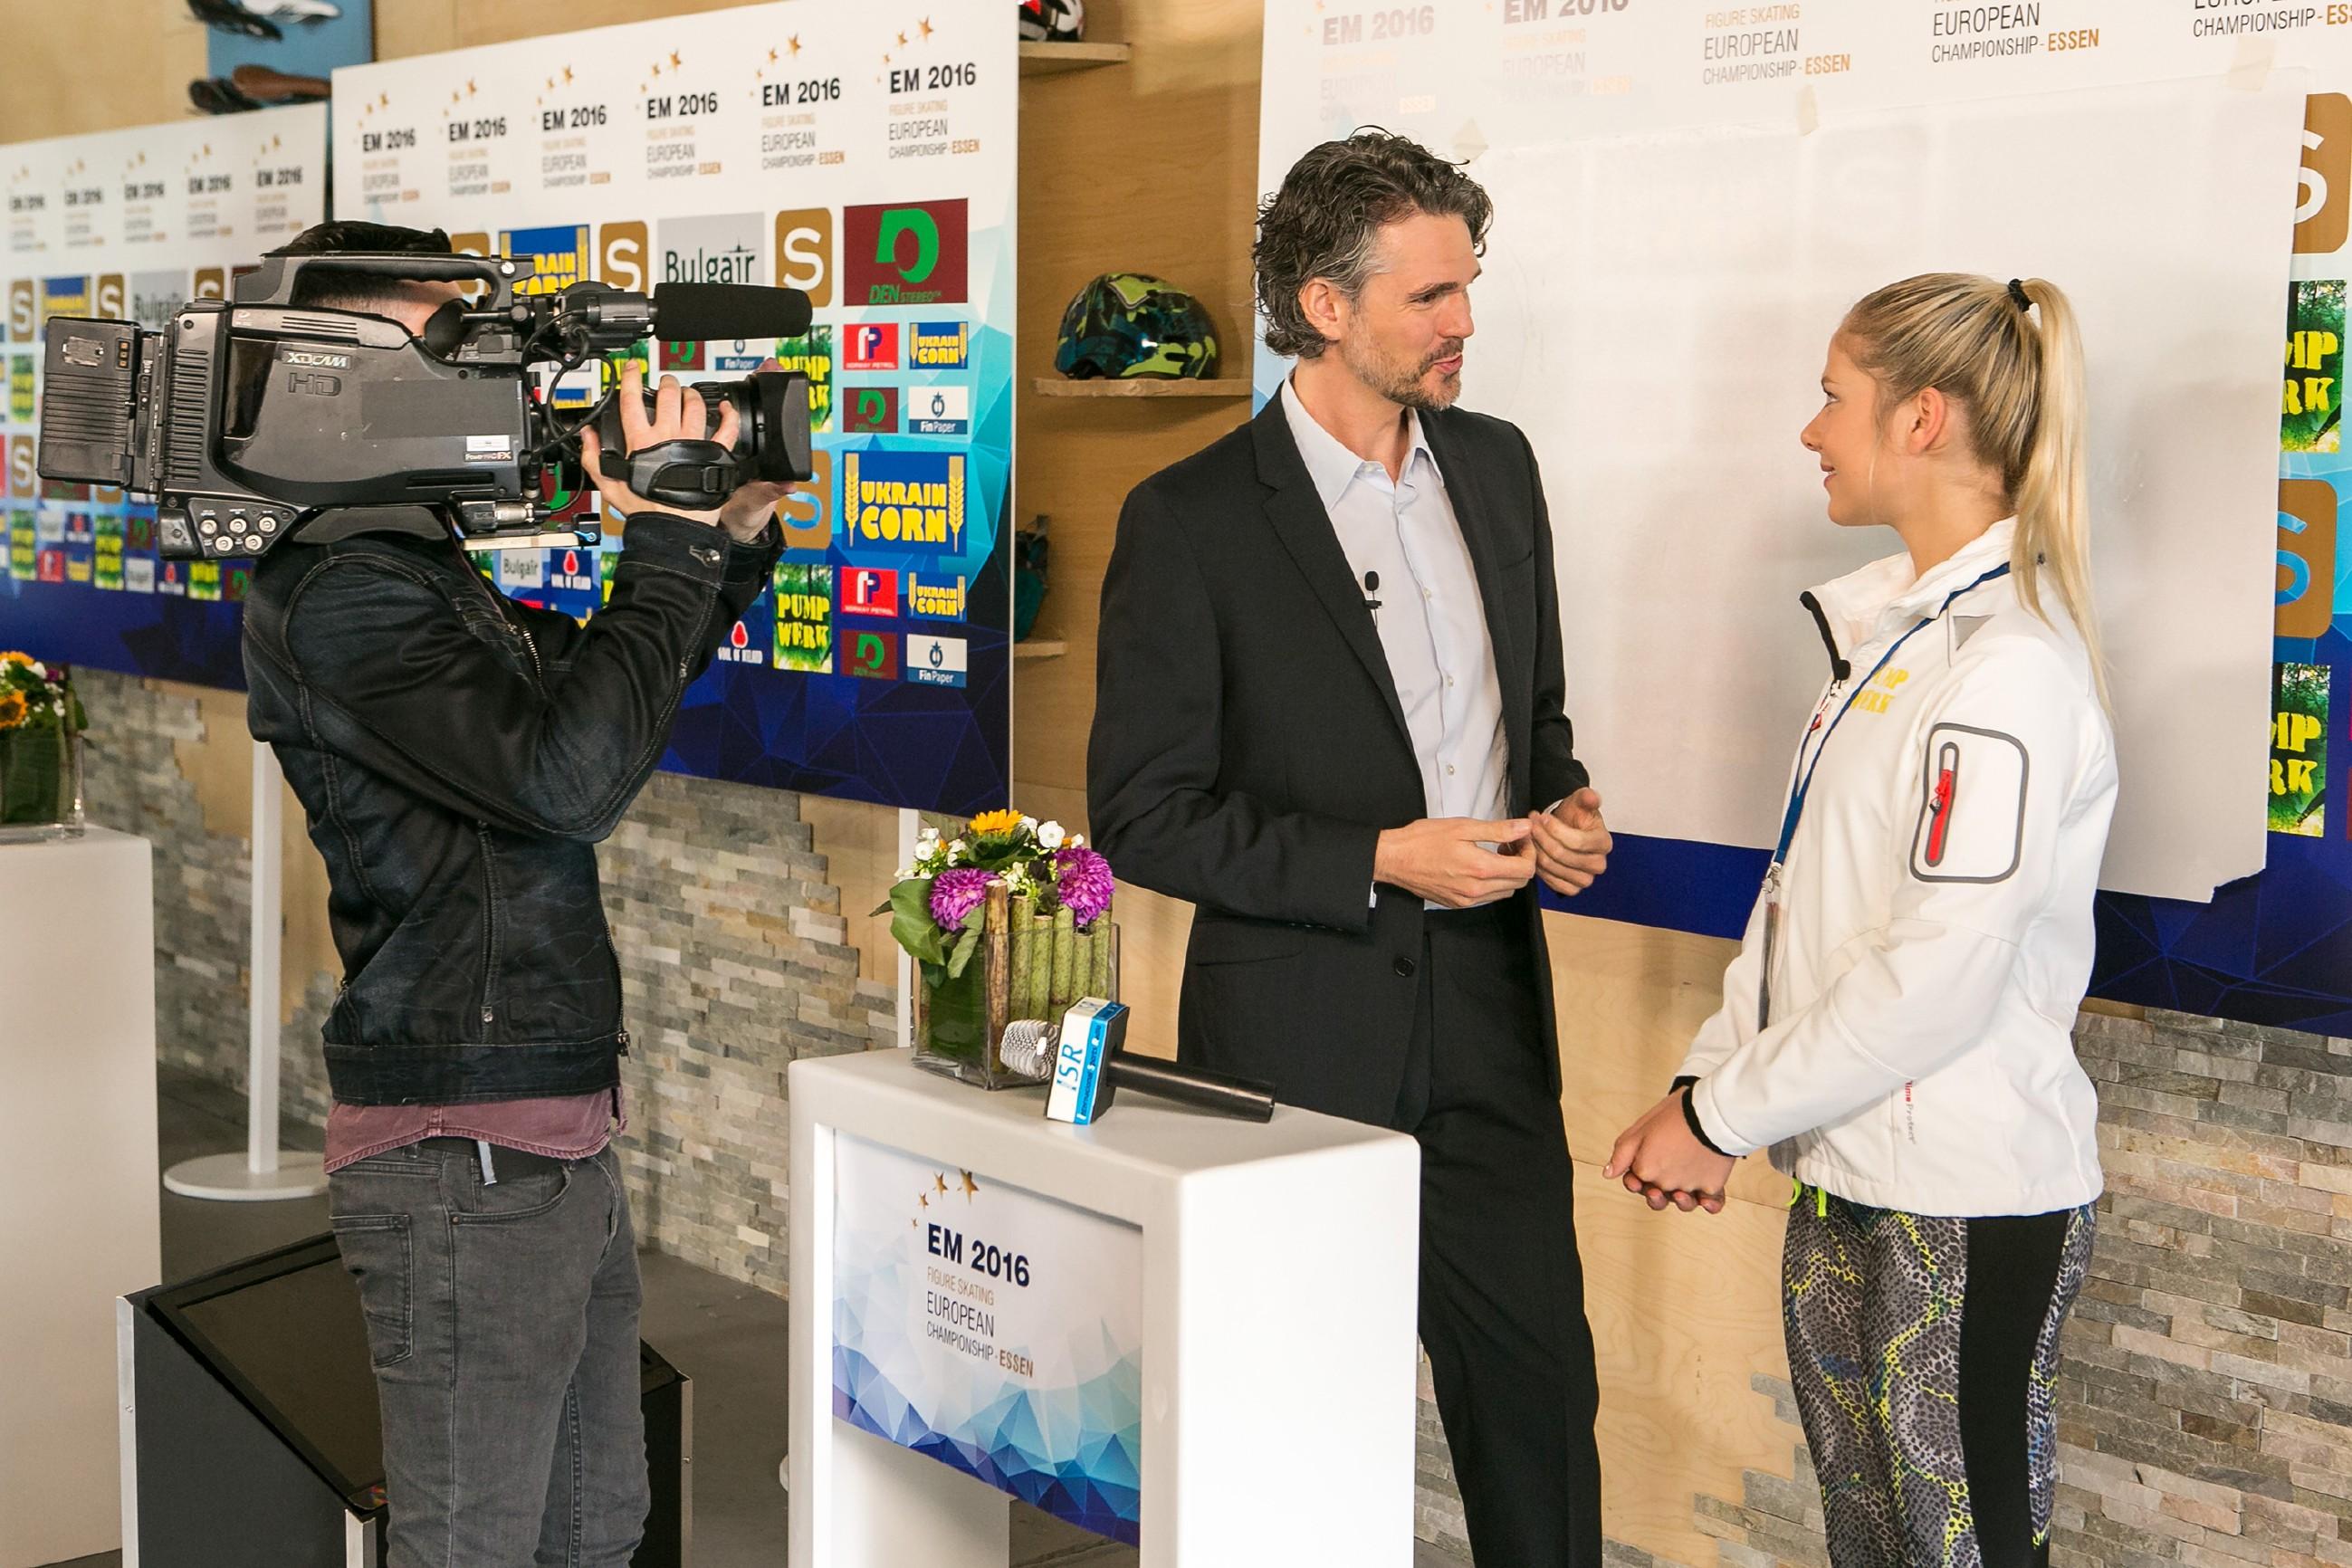 Obwohl ihr die Probleme mit Tobi zusetzen, zeigt sich Marie (Cheyenne Pahde) im Interview mit Moderator Matthias Mohr (Matthias Beier, M.) entschlossen, bei der EM alles zu geben. (Quelle: RTL / Kai Schulz)